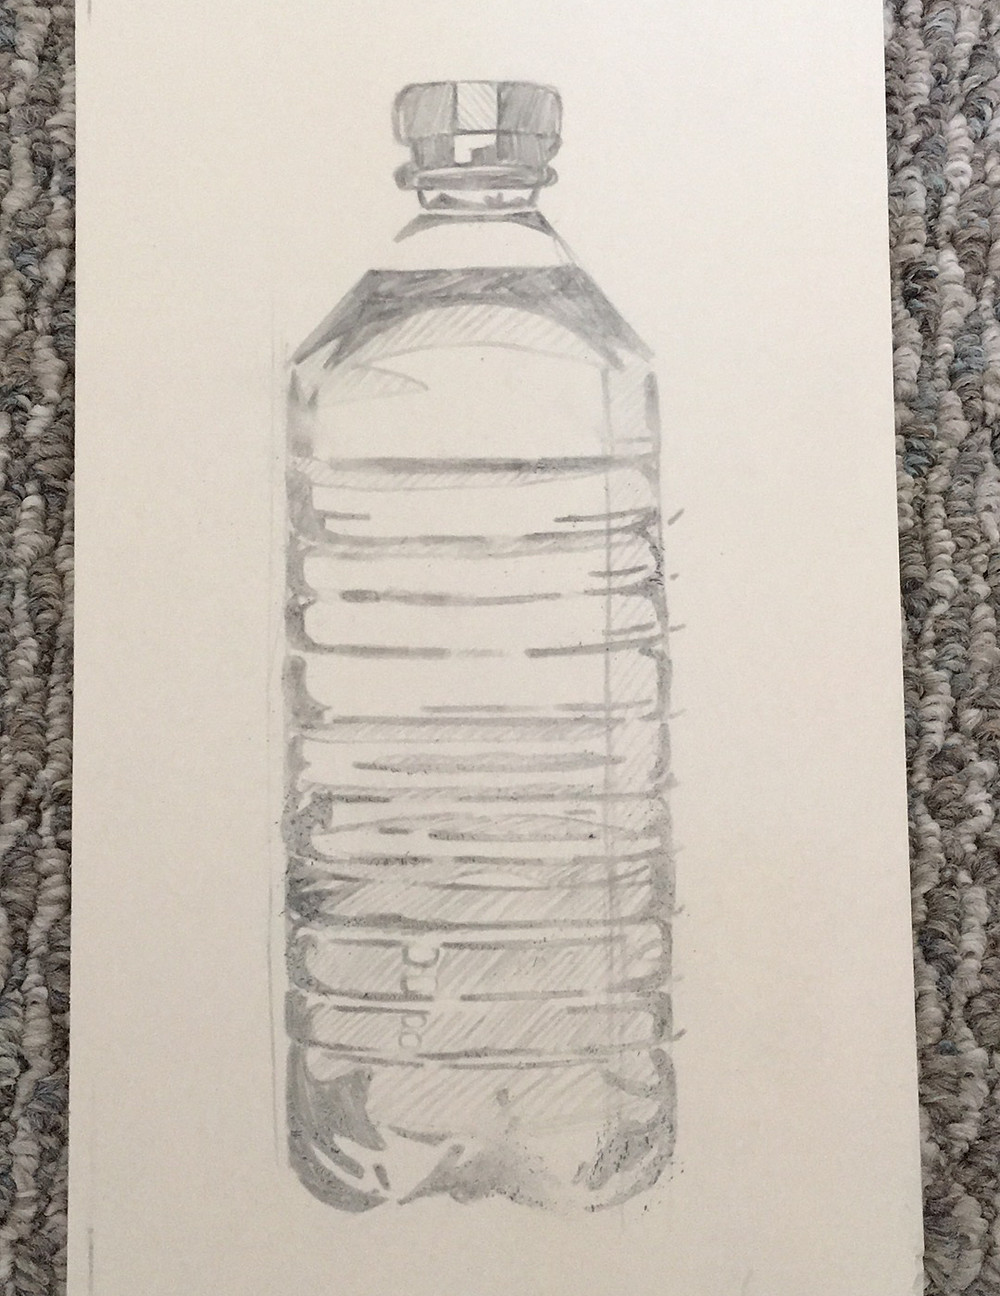 Lino water bottle sketch